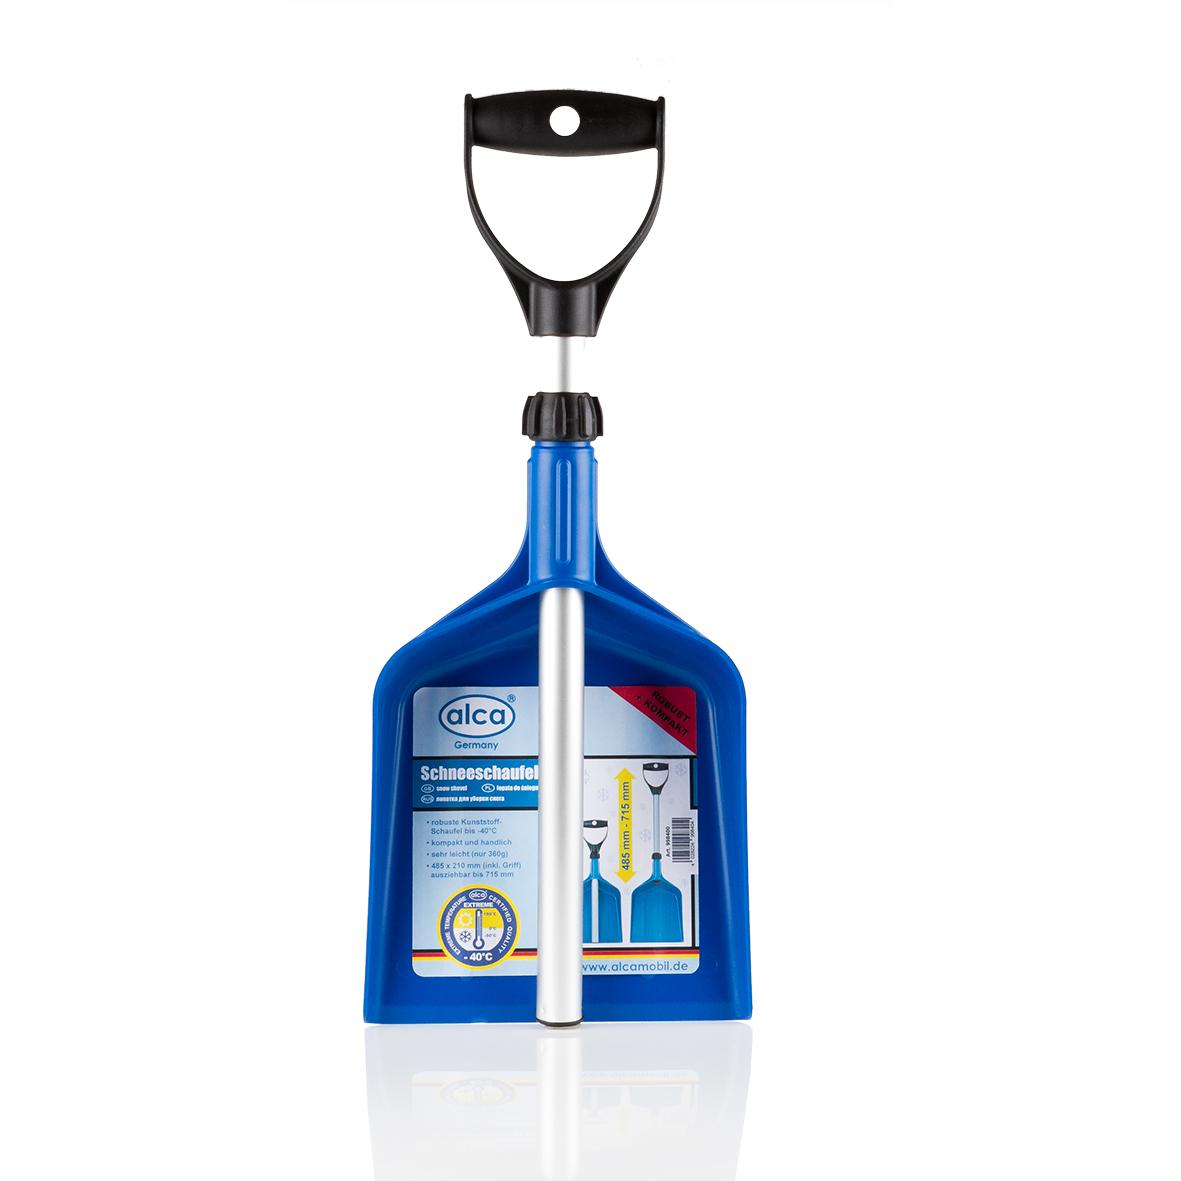 Лопата для уборки снега Alca, складная, длина 48,5-71,5 см998400Лопата для уборки снега Alca имеет легкий вес и возможность использования при температуре до -40°С. Лопата складная, поэтому ее удобно хранить в багажнике автомобиля. Такая лопата поможет быстро очистить снег. Выполнена из прочных материалов, отличается износоустойчивостью и долгим сроком службы. Размер в сложенном виде: 48,5 х 21 см. Размер в разложенном виде: 71,5 х 21 см.